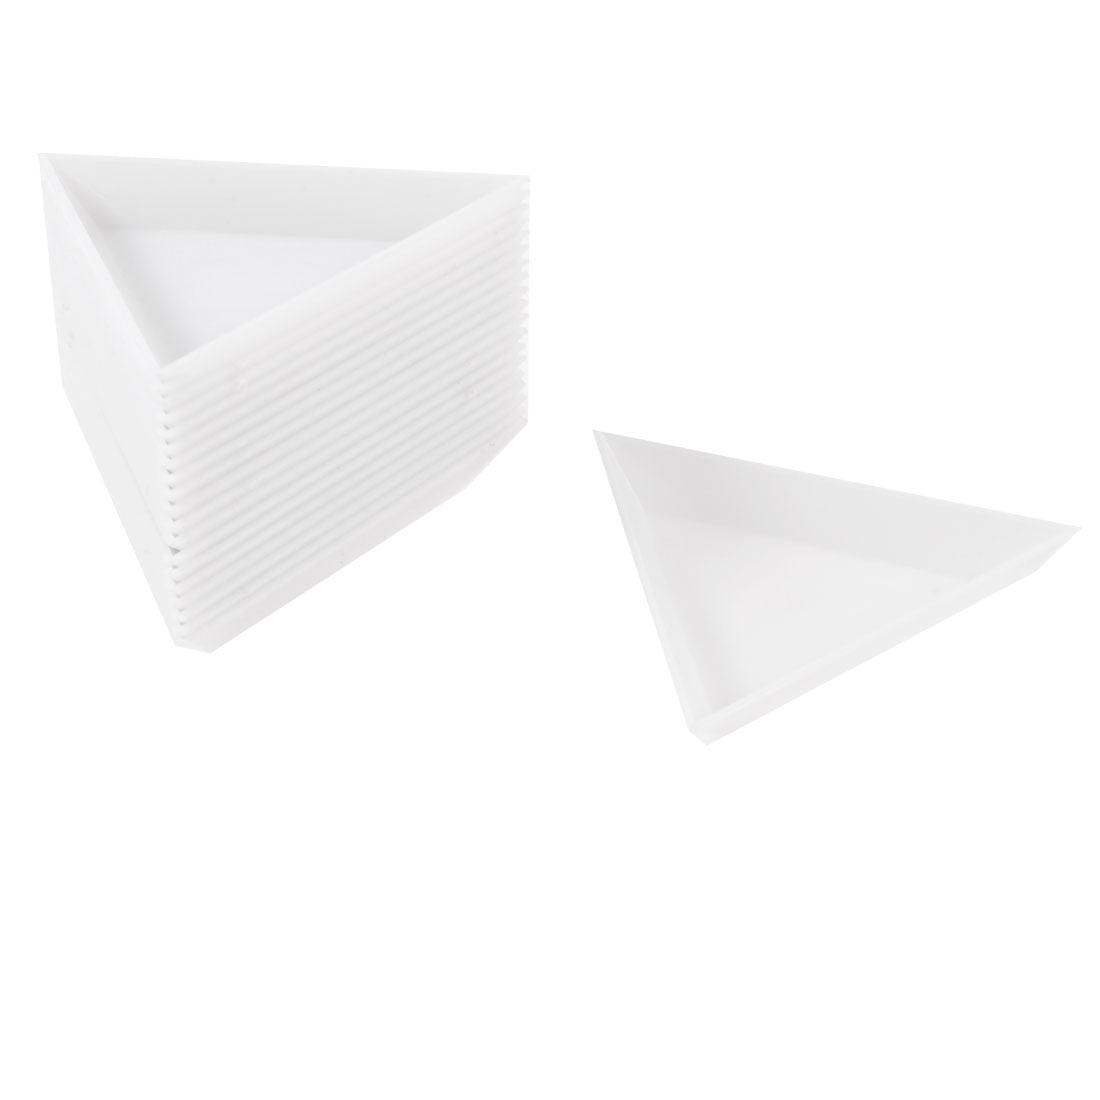 Unique Bargains Unique Bargains Jewelry Components Plastic Storage Dish Plate White 20 Pcs